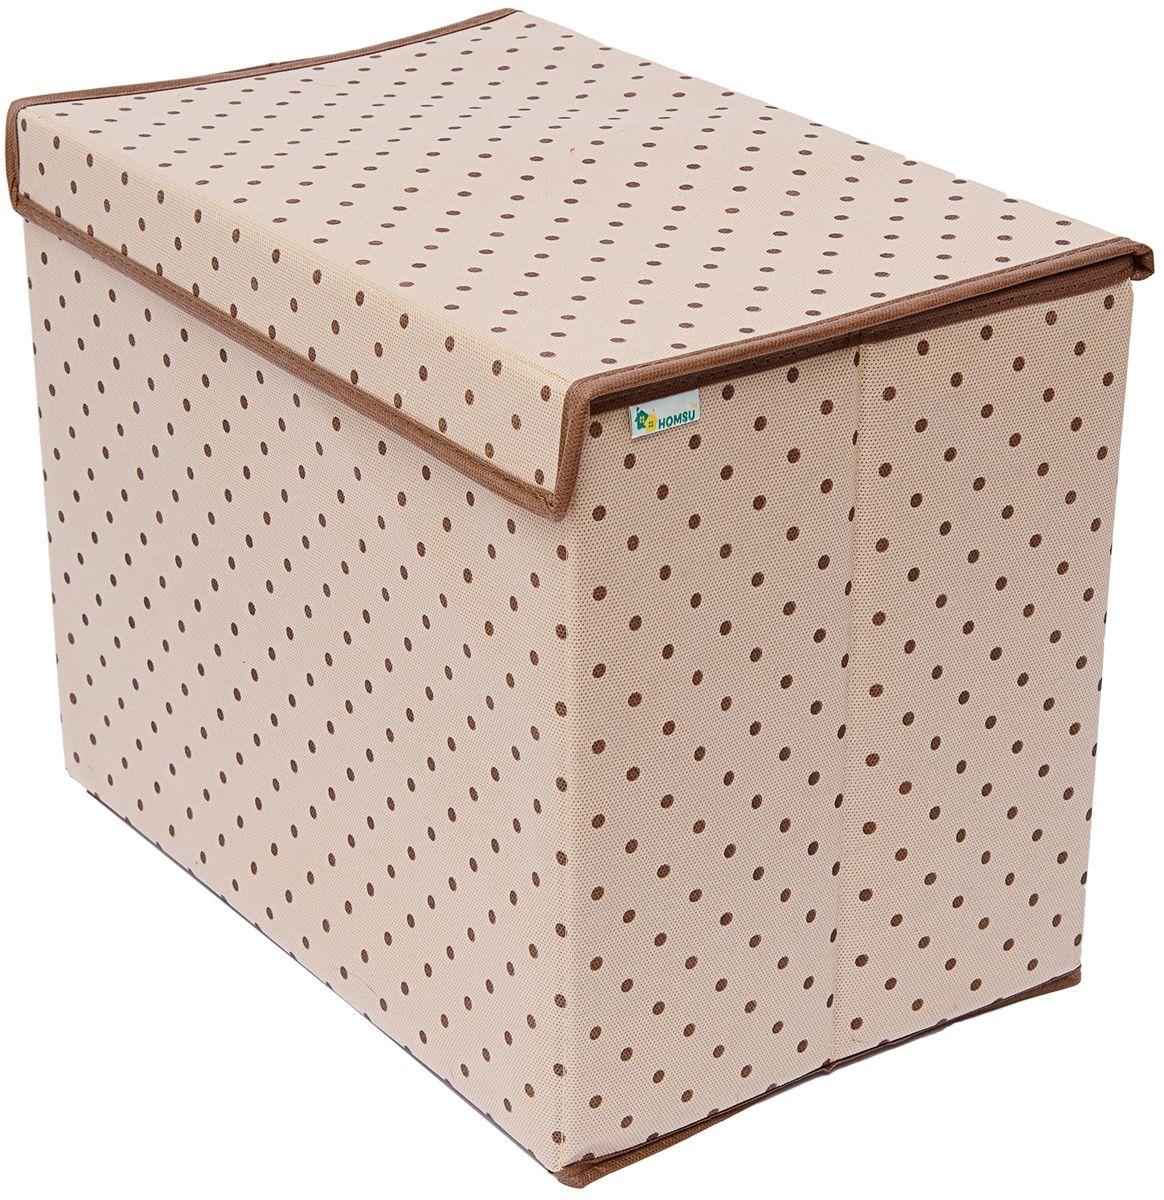 Коробка для хранения Homsu, с крышкой, 38 x 25 x 30 смHOM-794Универсальная коробка для хранения вещей с крышкой. Идеально подходит для хранения одежды, полотенец и других домашних принадлежностей. Выполнена в классическом дизайне, благодаря чему гармонично впишется в любой интерьер.